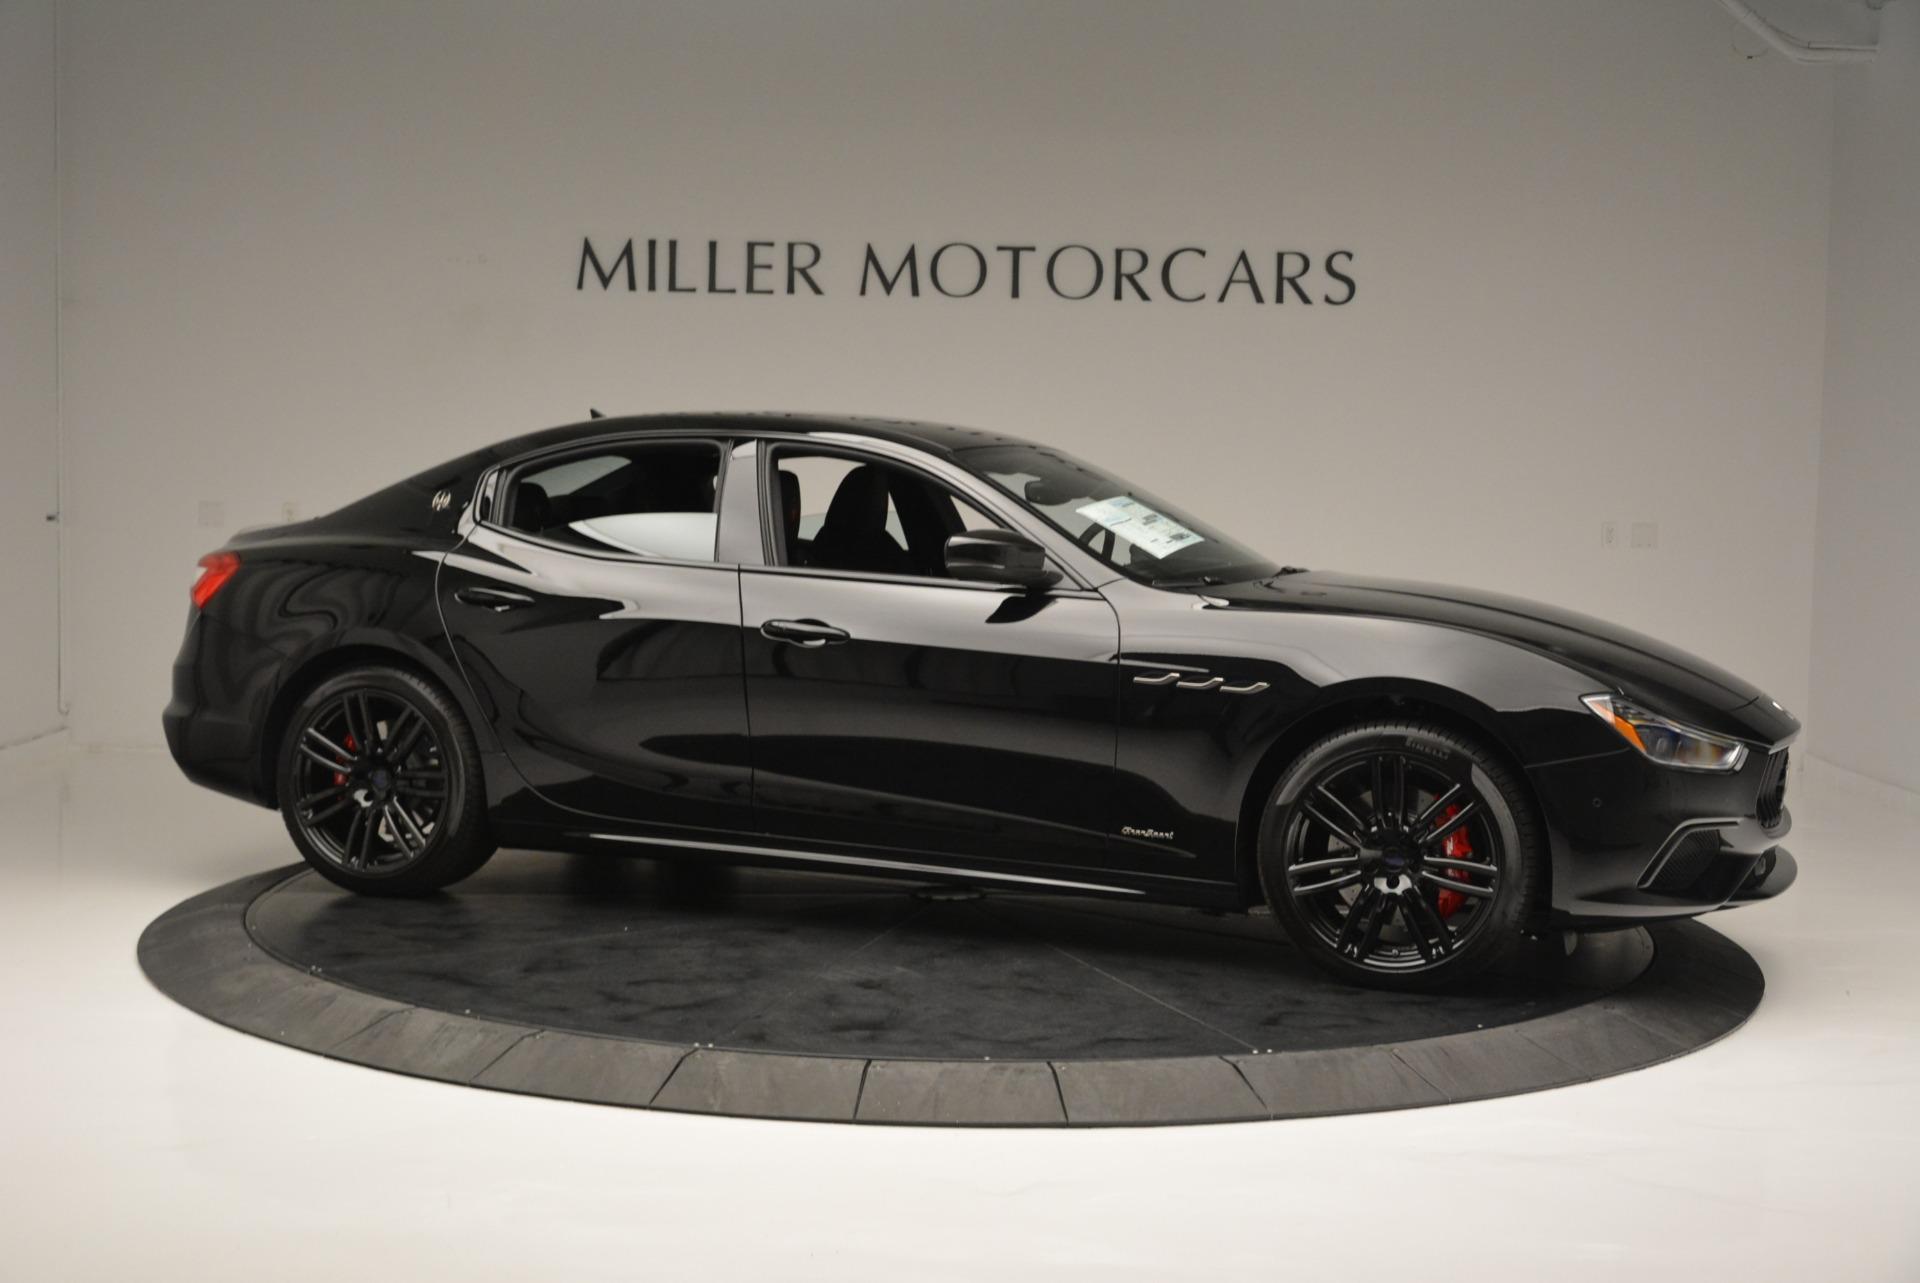 New 2018 Maserati Ghibli SQ4 GranSport Nerissimo For Sale In Greenwich, CT. Alfa Romeo of Greenwich, M2173 2368_p10